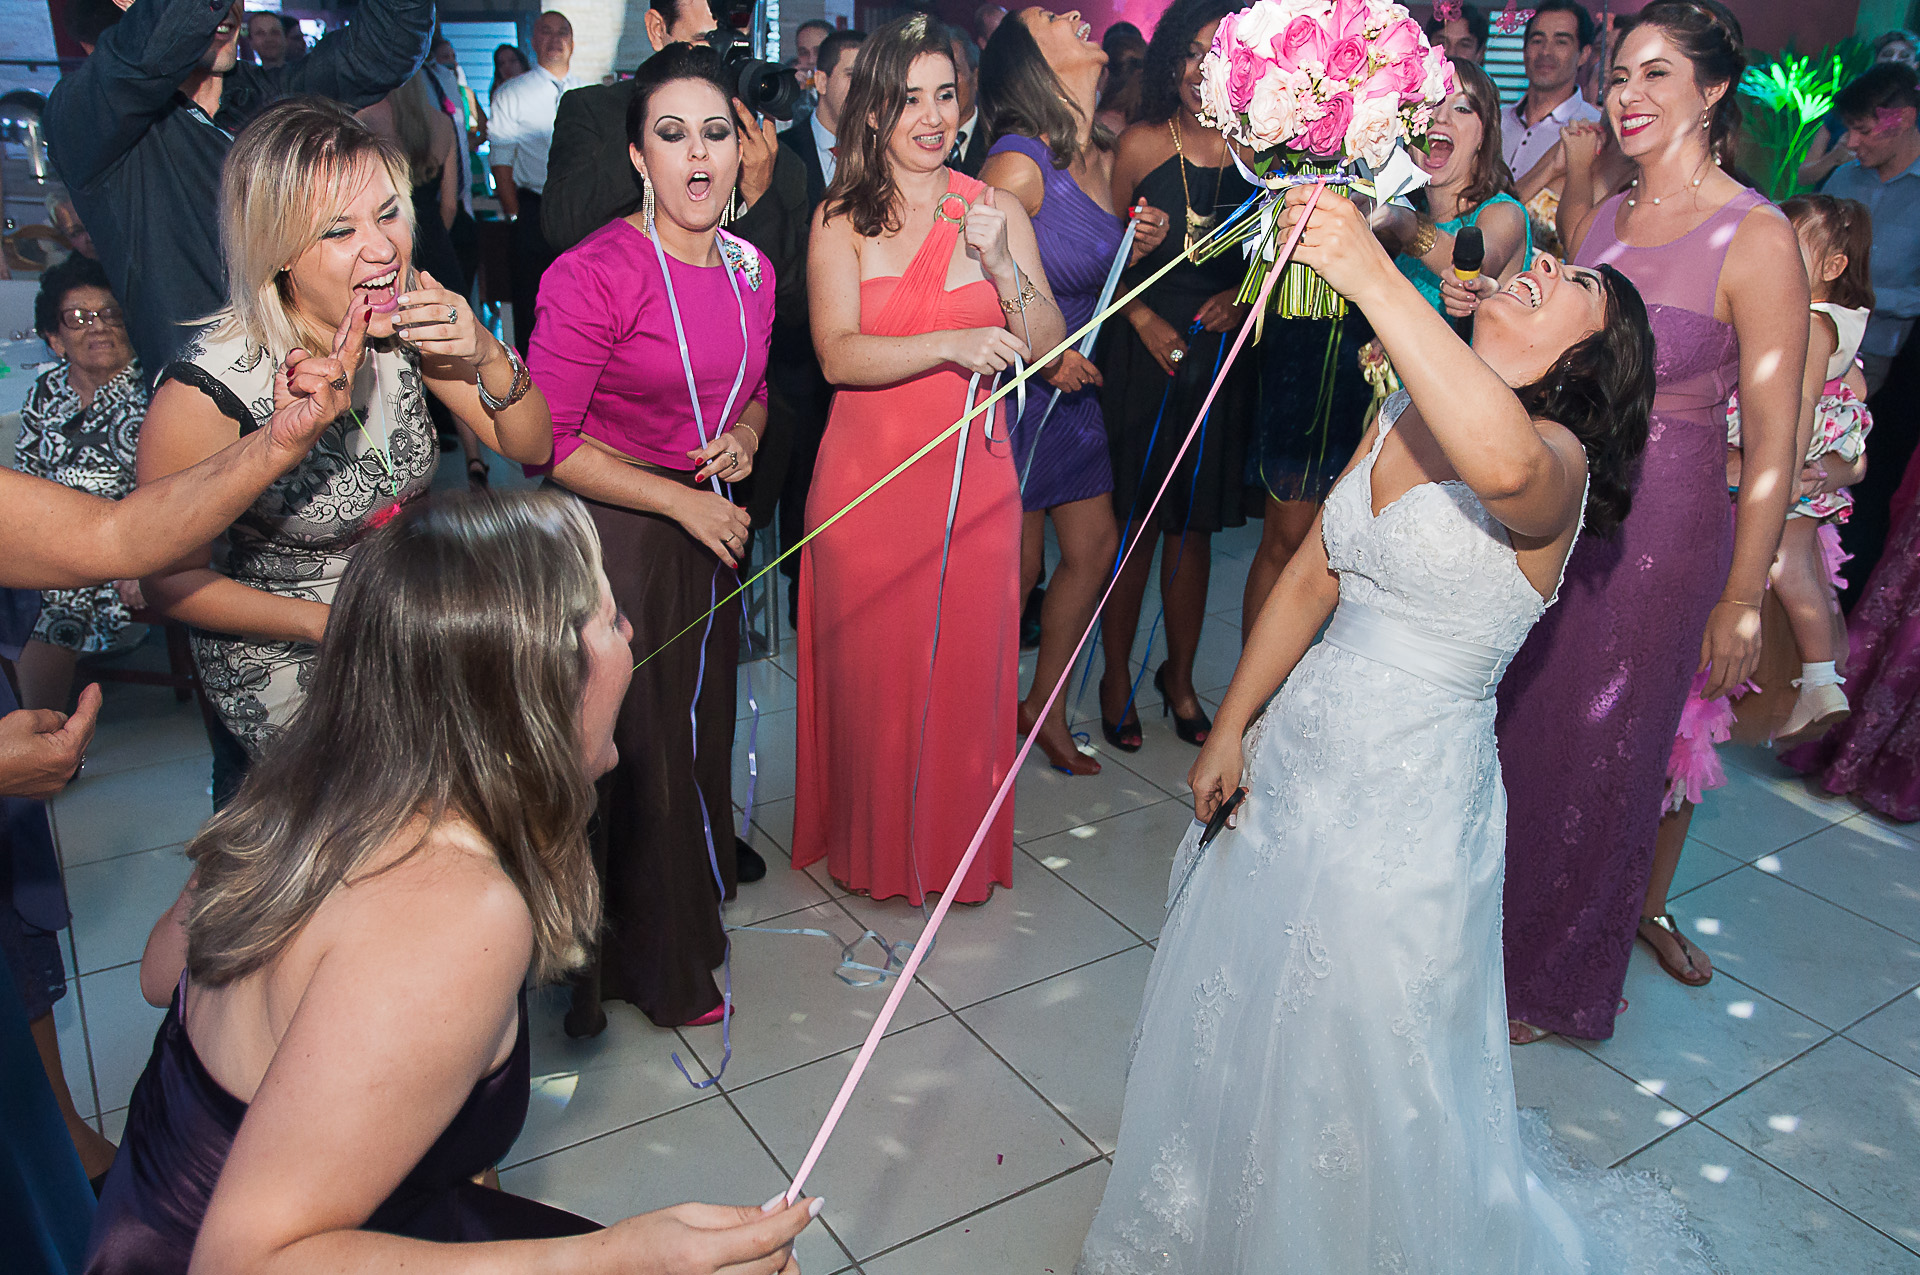 fotografo de casamento-108